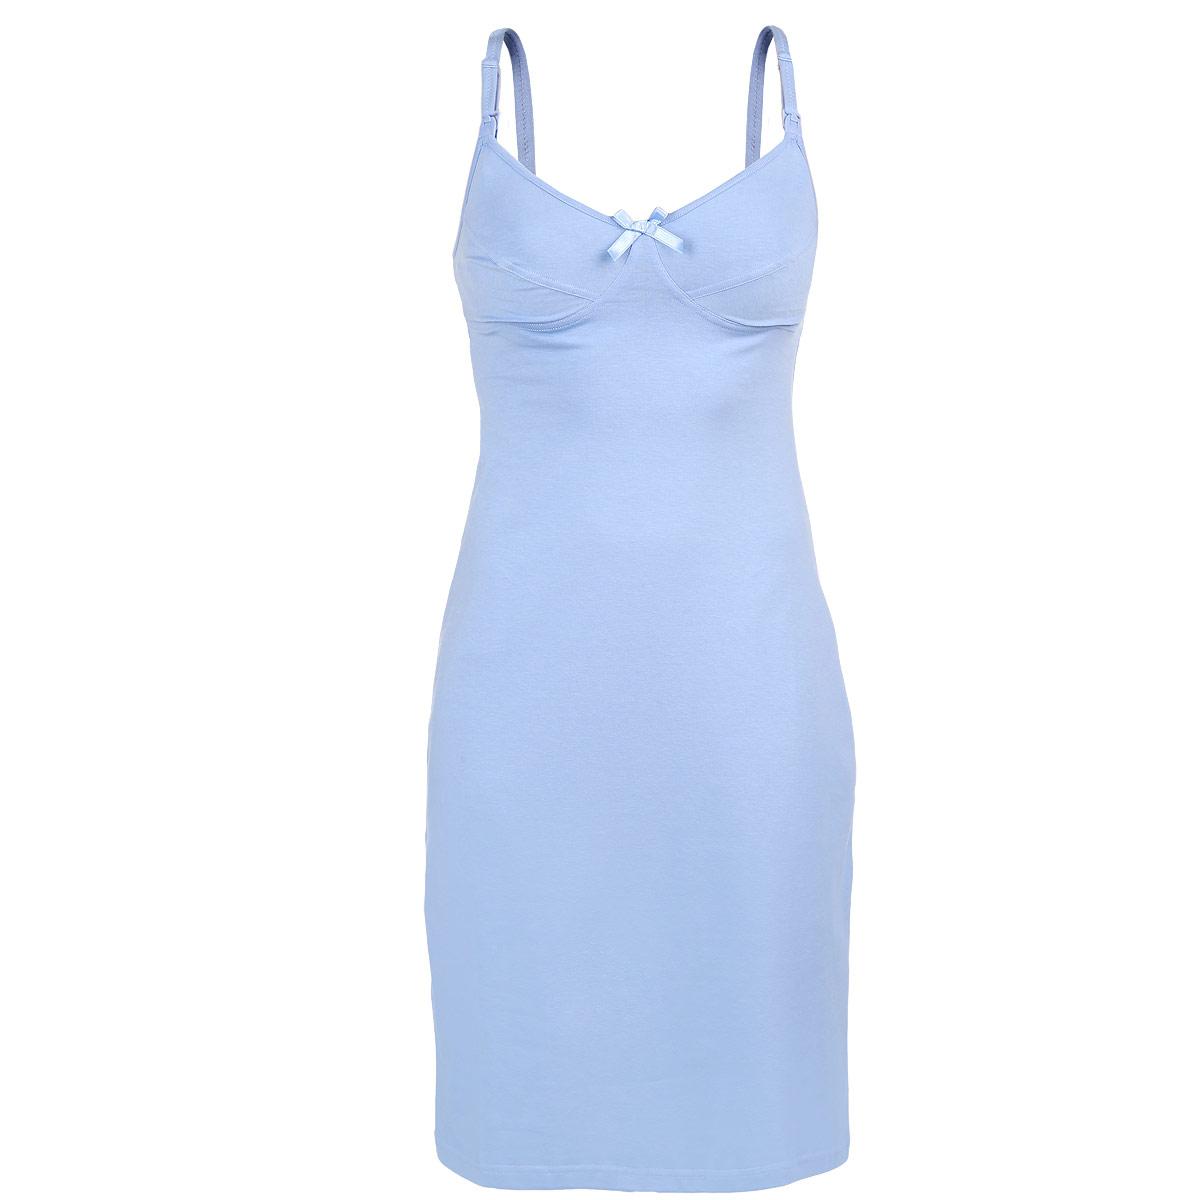 Ночная рубашка24130Удобная, красивая ночная сорочка для беременных и кормящих мам Мамин Дом, изготовленная из хлопка с добавлением эластана, женственна и элегантна. Модель на тонких бретелях с V-образным вырезом горловины украшена на груди атласным бантом. Бретельки регулируются по длине и спереди легко отстегиваются благодаря пластиковым клипсам, что позволяет в любой момент быстро и легко покормить малыша. Свободный крой позволяет носить ночную сорочку, как во время беременности, так и после родов. Такая сорочка сделает сон и отдых будущей мамы комфортным. Одежда, изготовленная из хлопка, приятна к телу, сохраняет тепло в холодное время года и дарит прохладу в теплое, позволяет коже дышать.